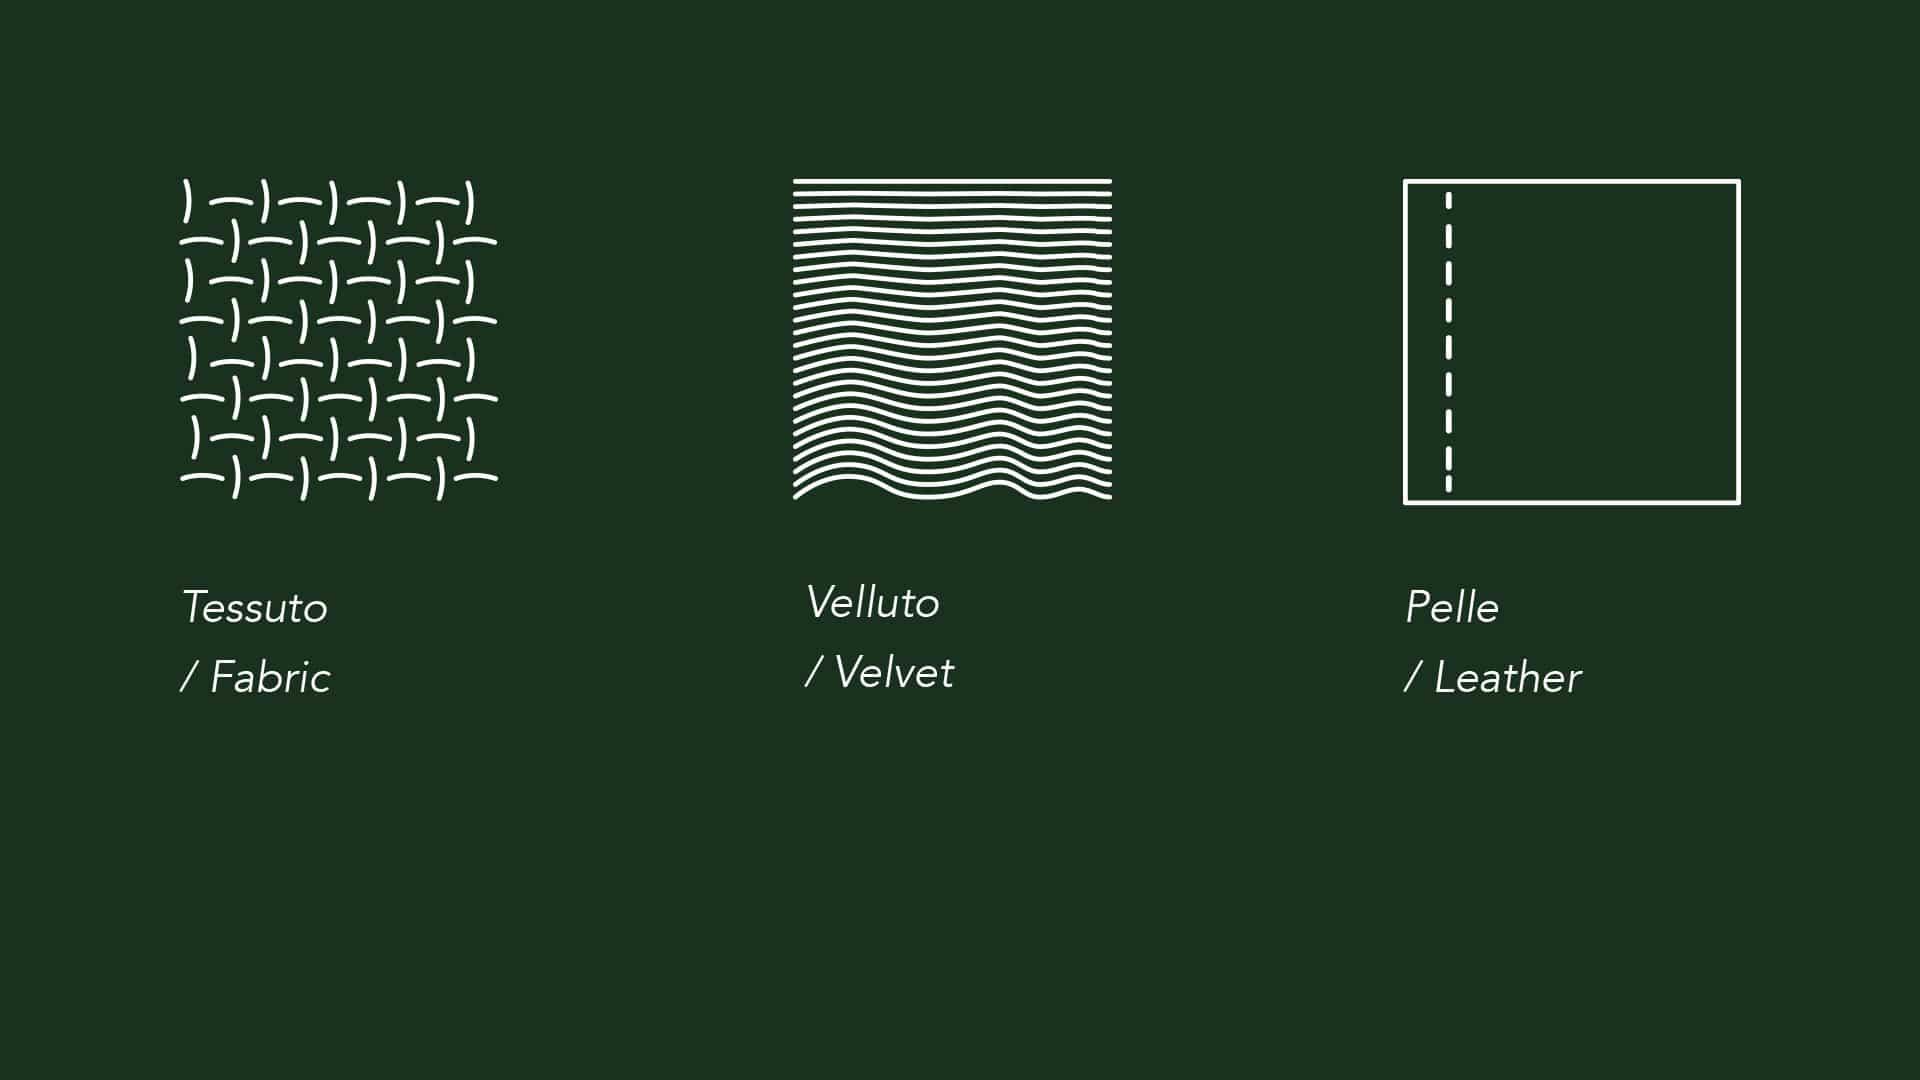 icone reflex materiali grafico milano 04